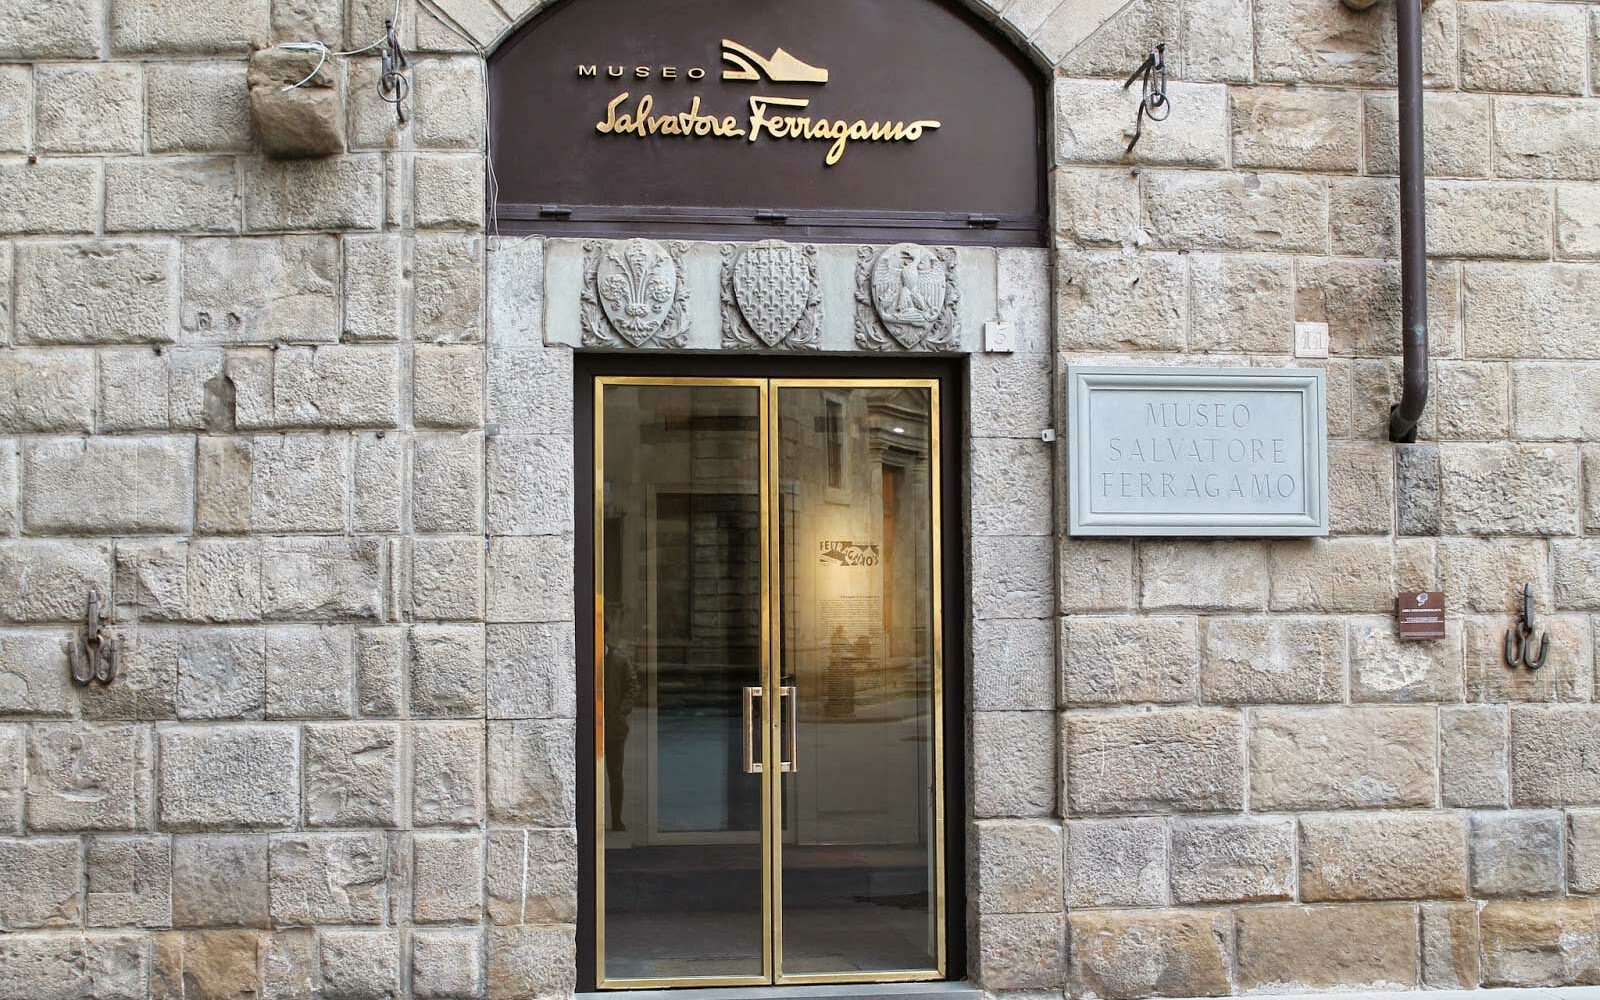 Museo Salvatore Ferragamo